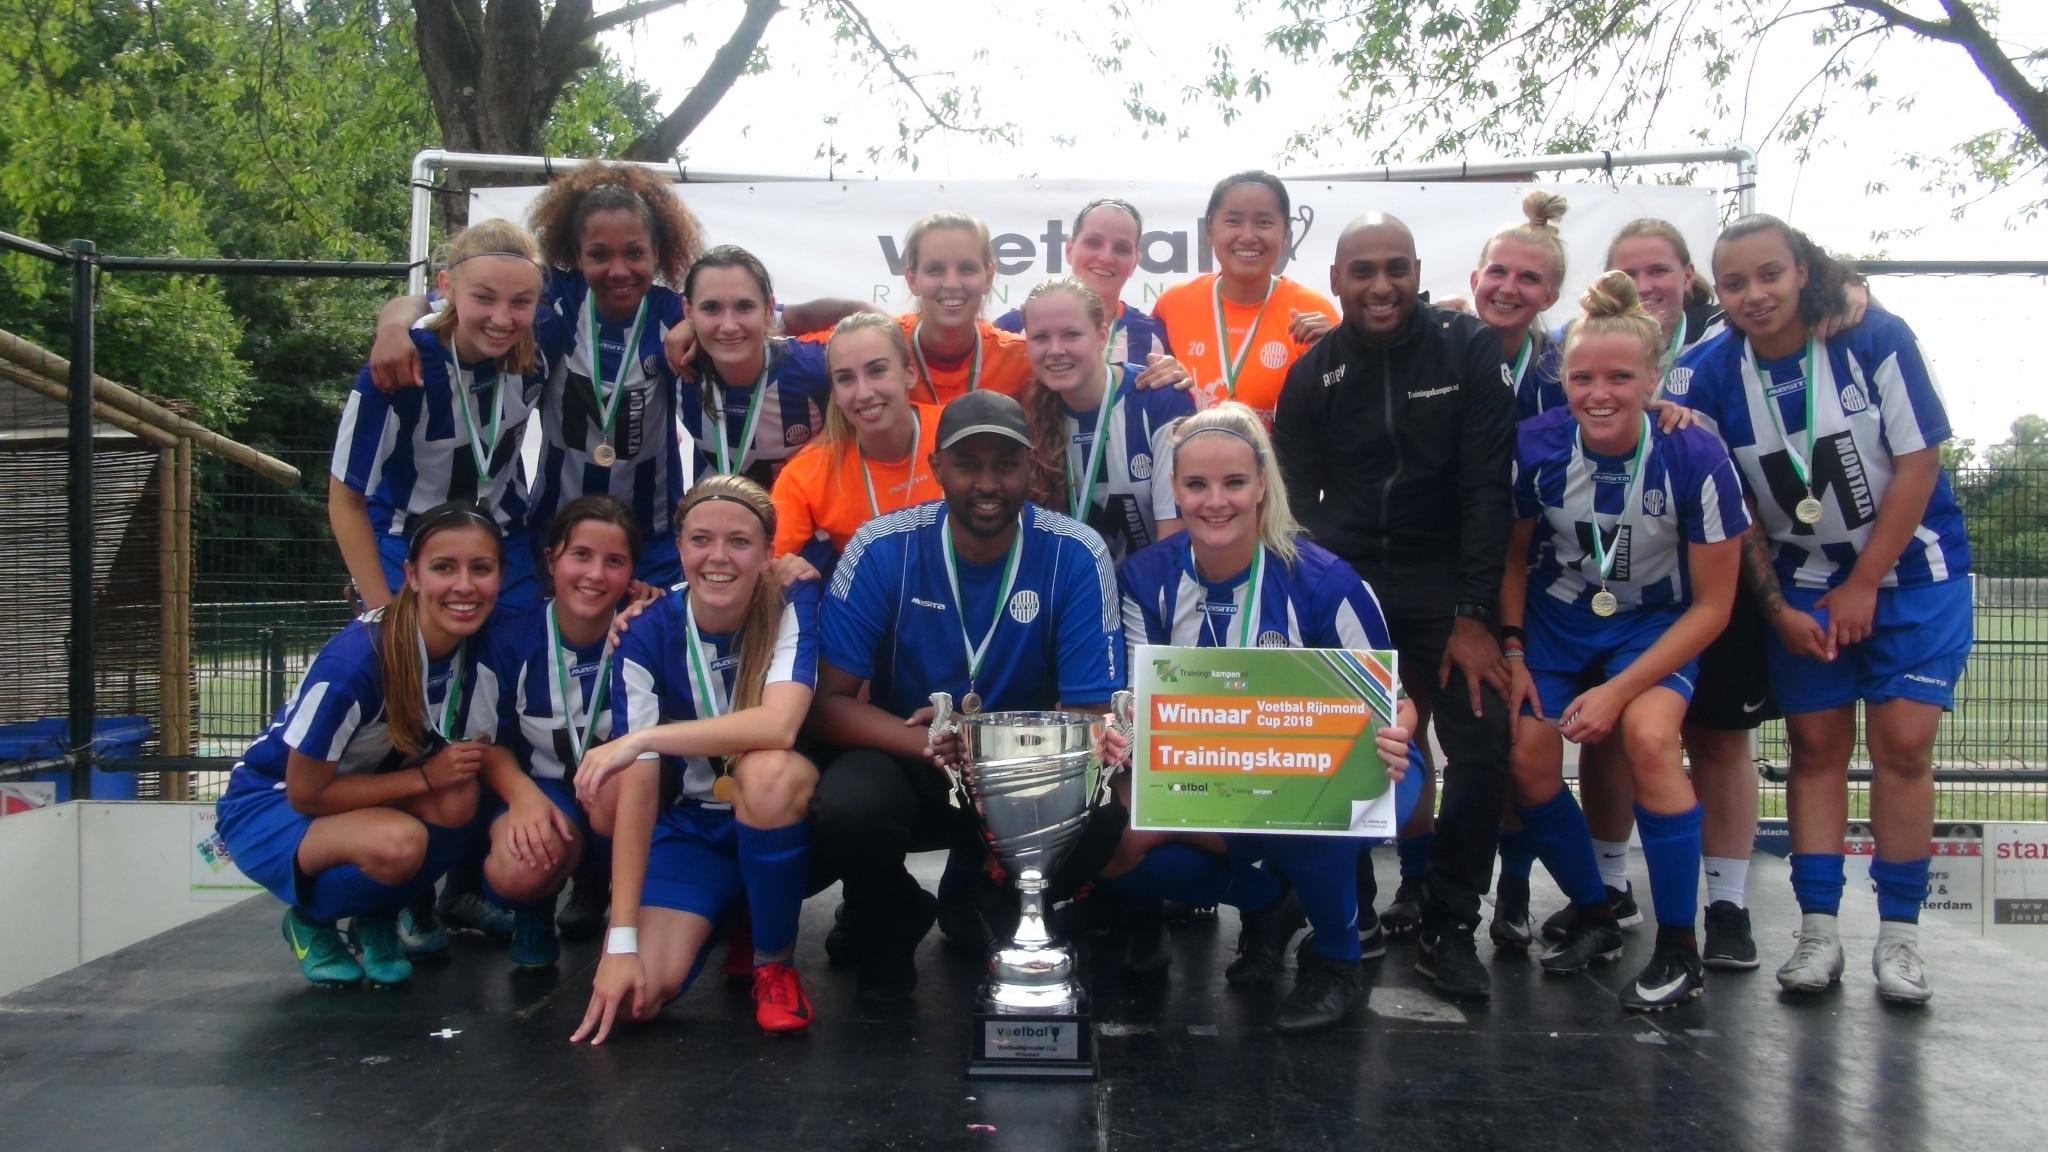 Teamfoto dames voetbalteam kampioen